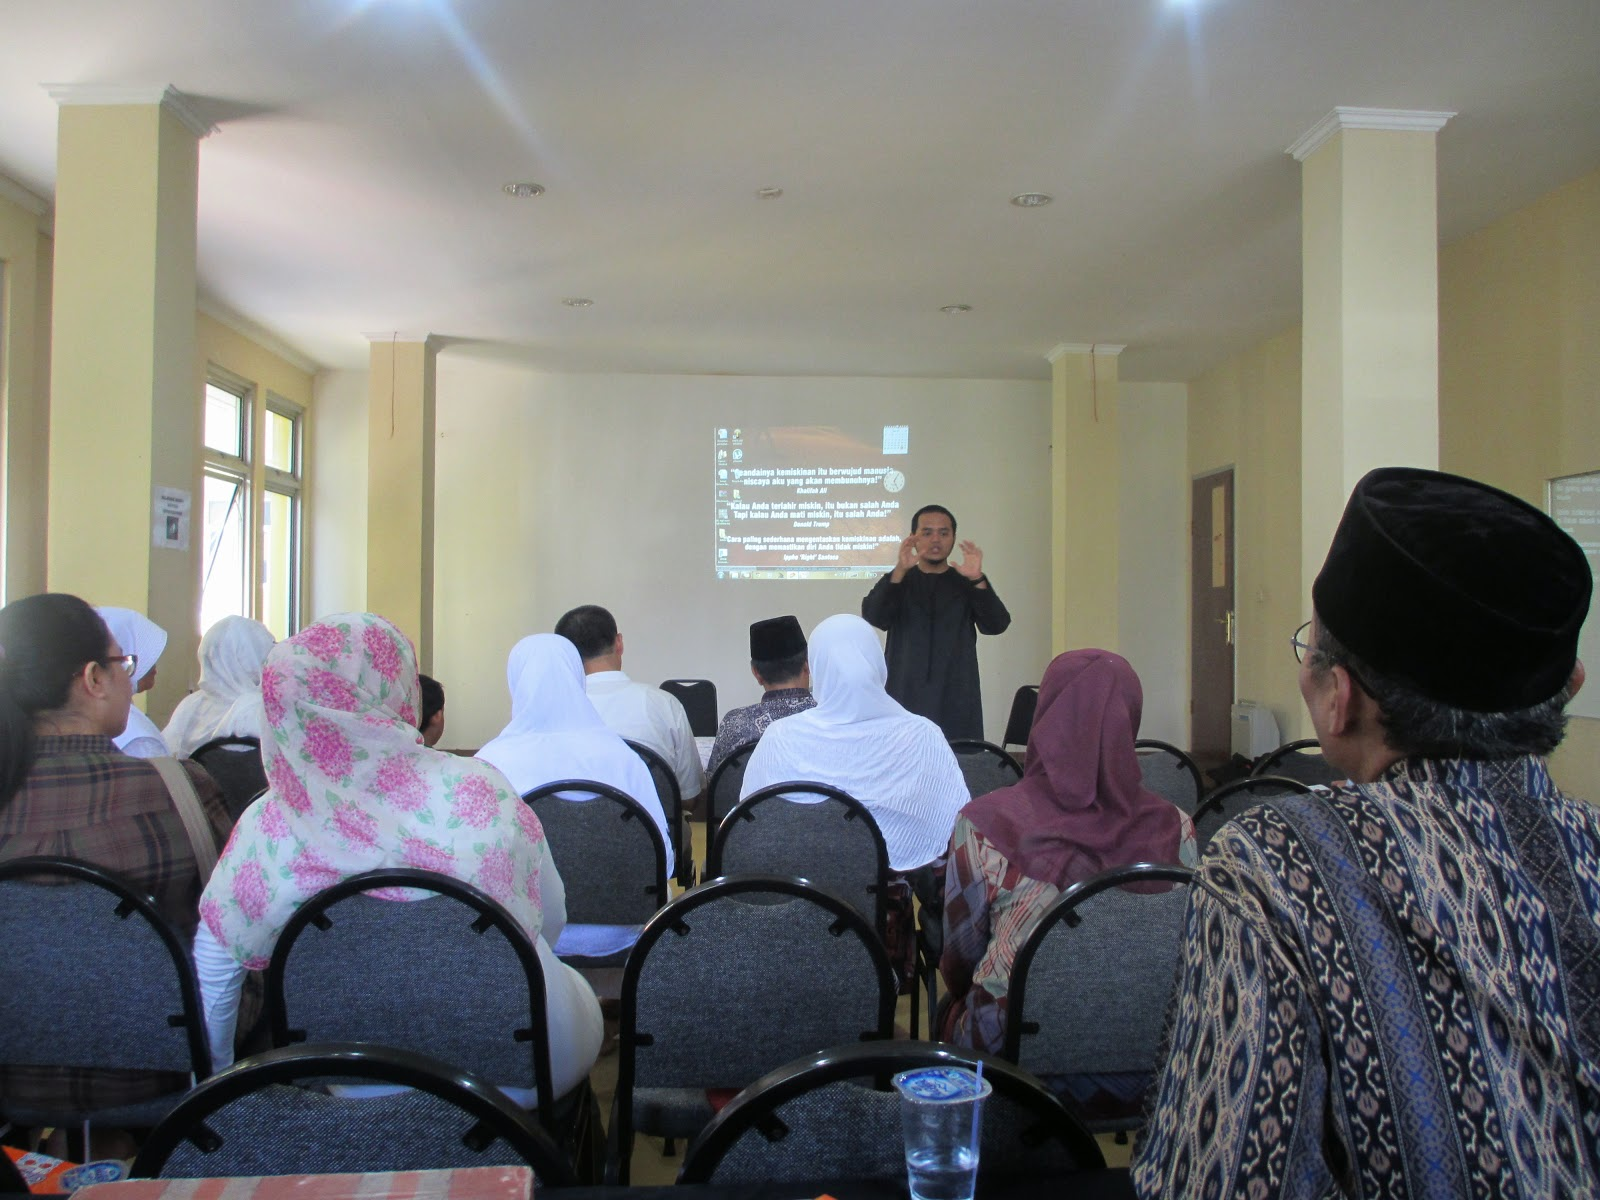 Travel Umroh di Jakarta Selatan Nyaman, Bagus, dan Terpercaya